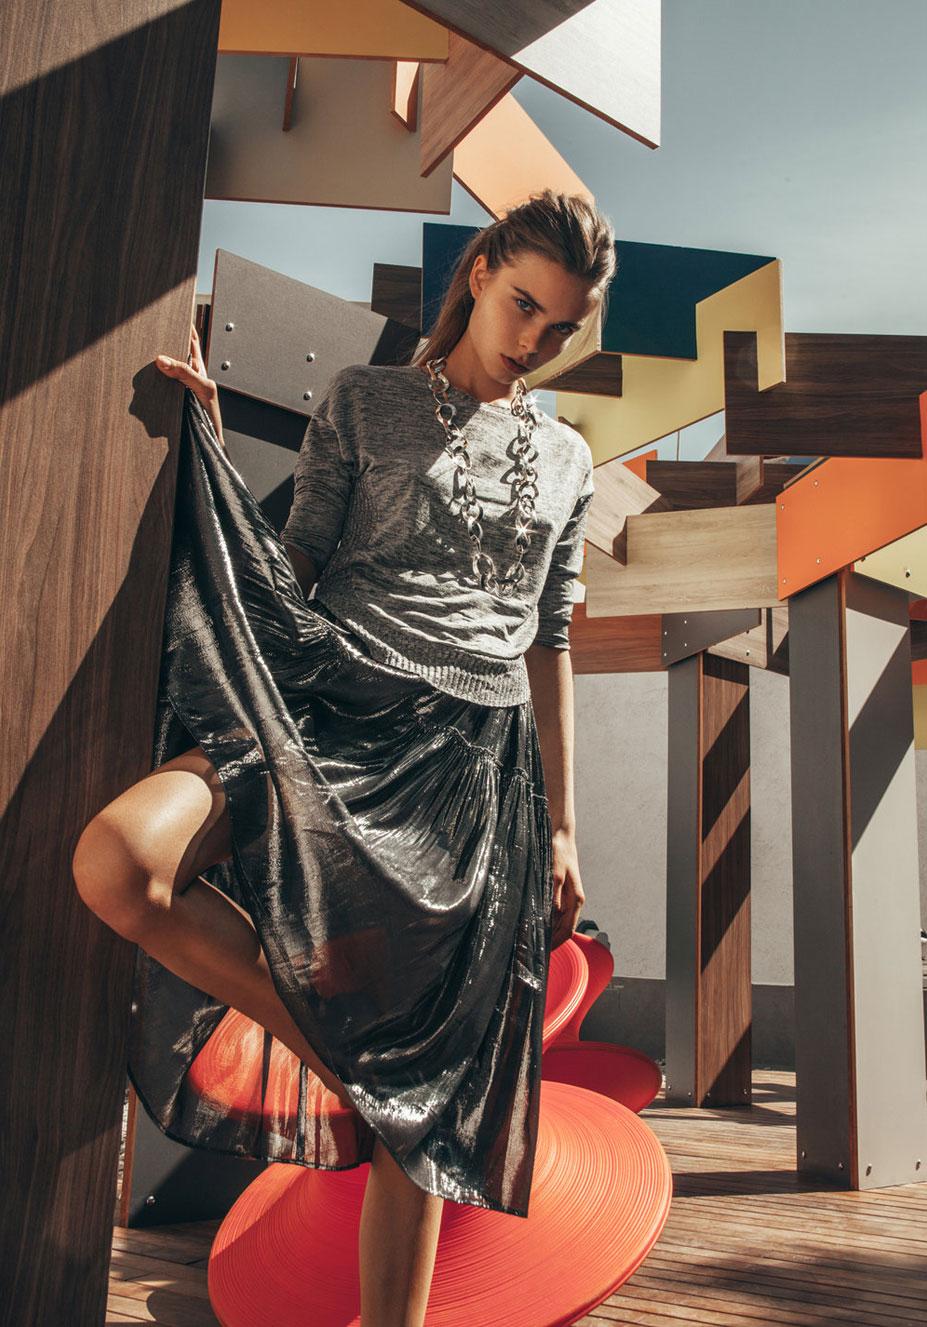 Анна Штольц тестирует модную одежду / фото 16